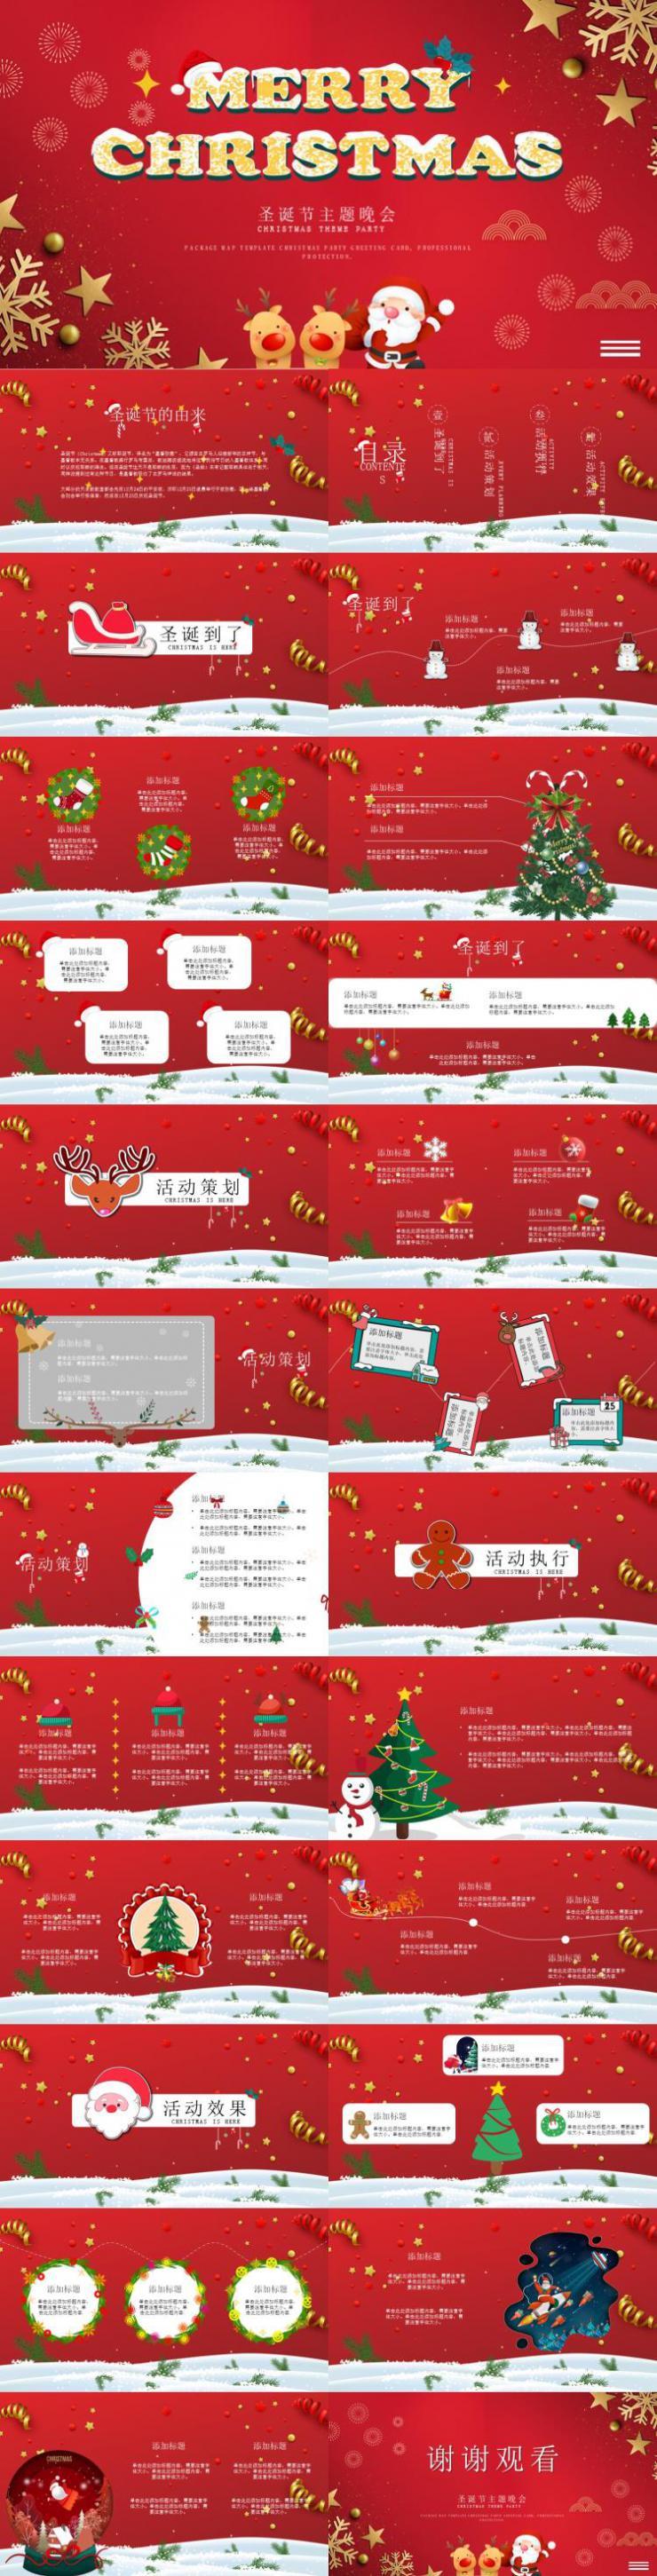 圣诞节节庆PPT模板下载